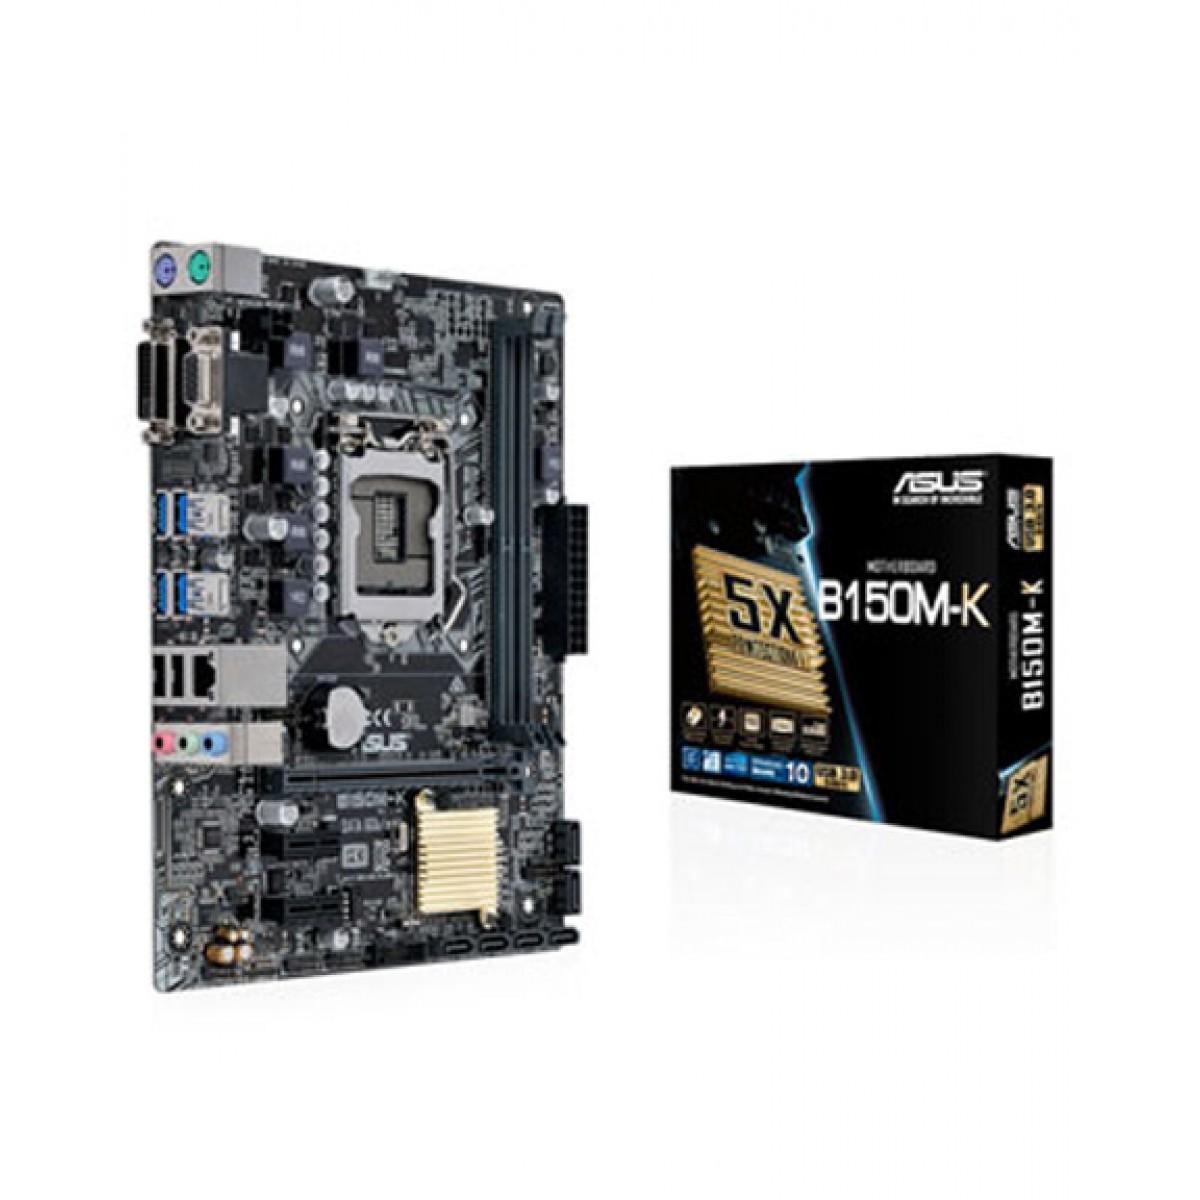 Asus 6th Generation Intel Motherboard (B150M-K - LGA 1151)